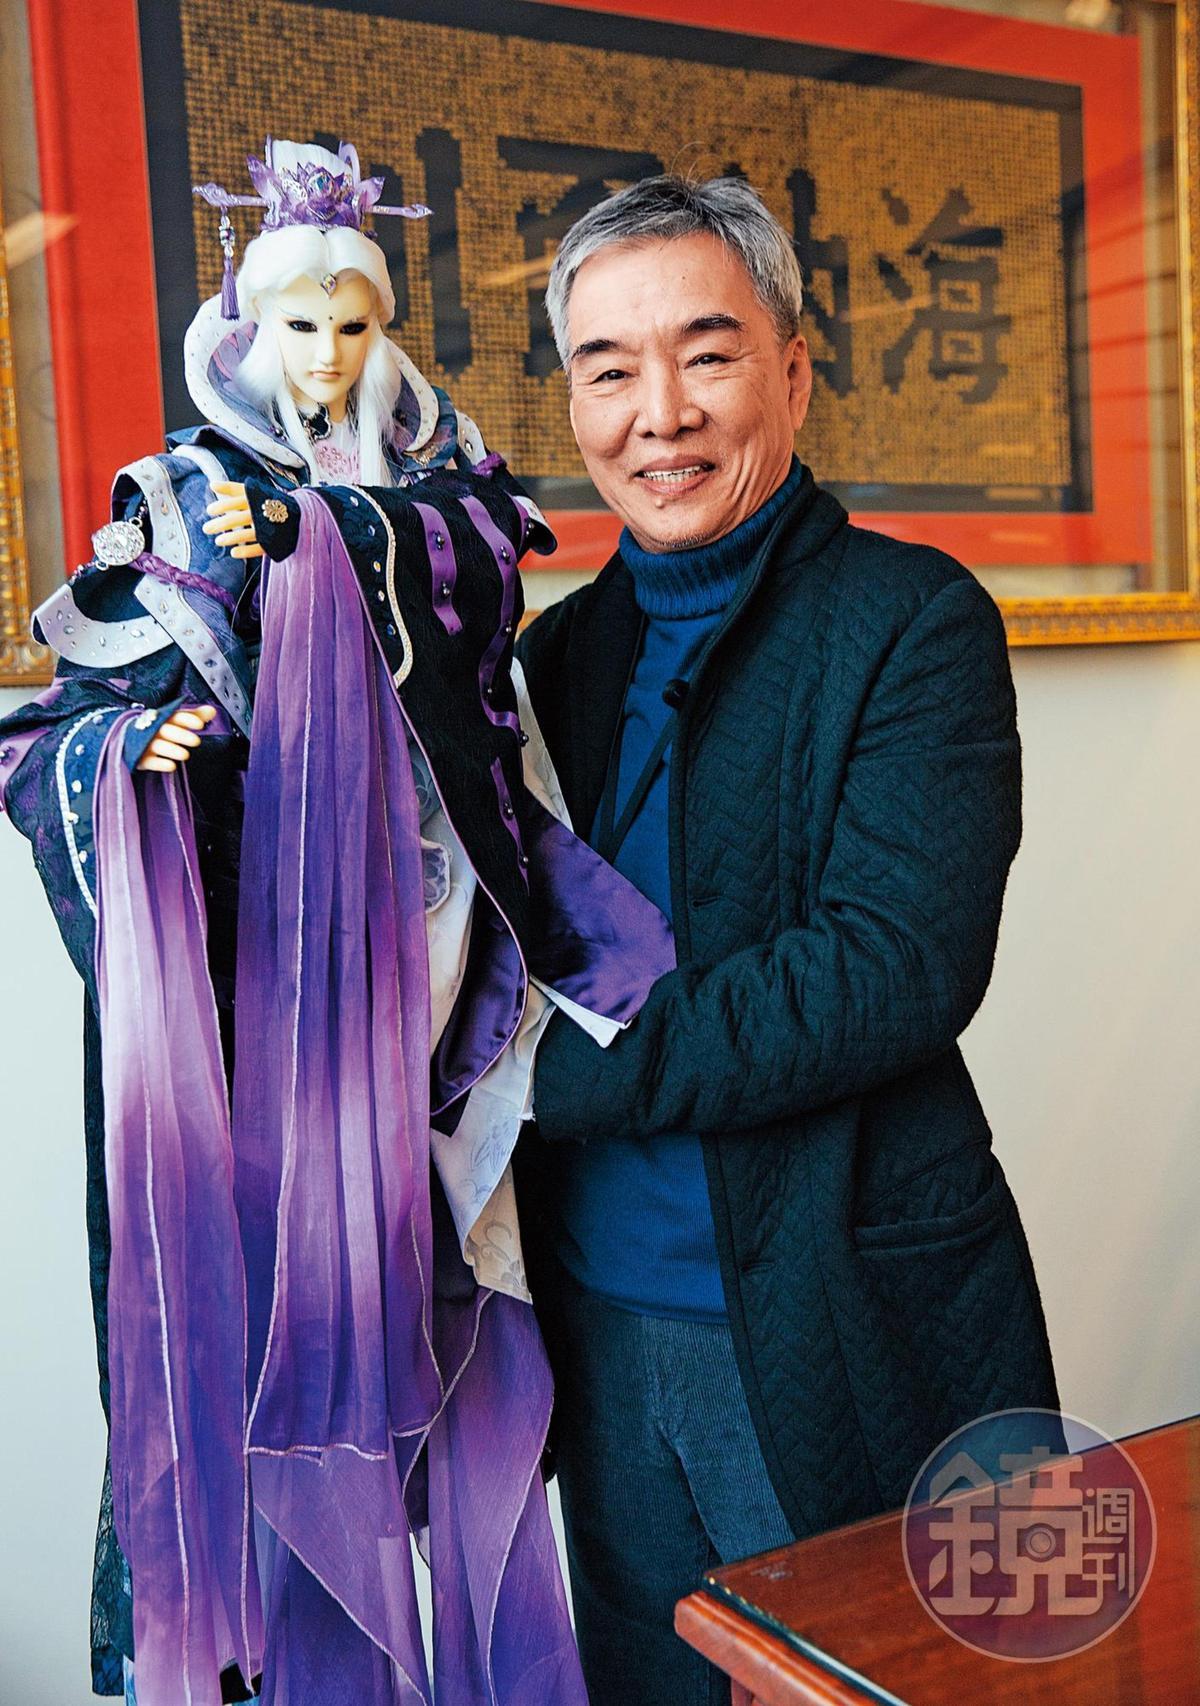 霹靂布袋戲在黃強華領導下,成為台灣具代表的文創IP品牌。